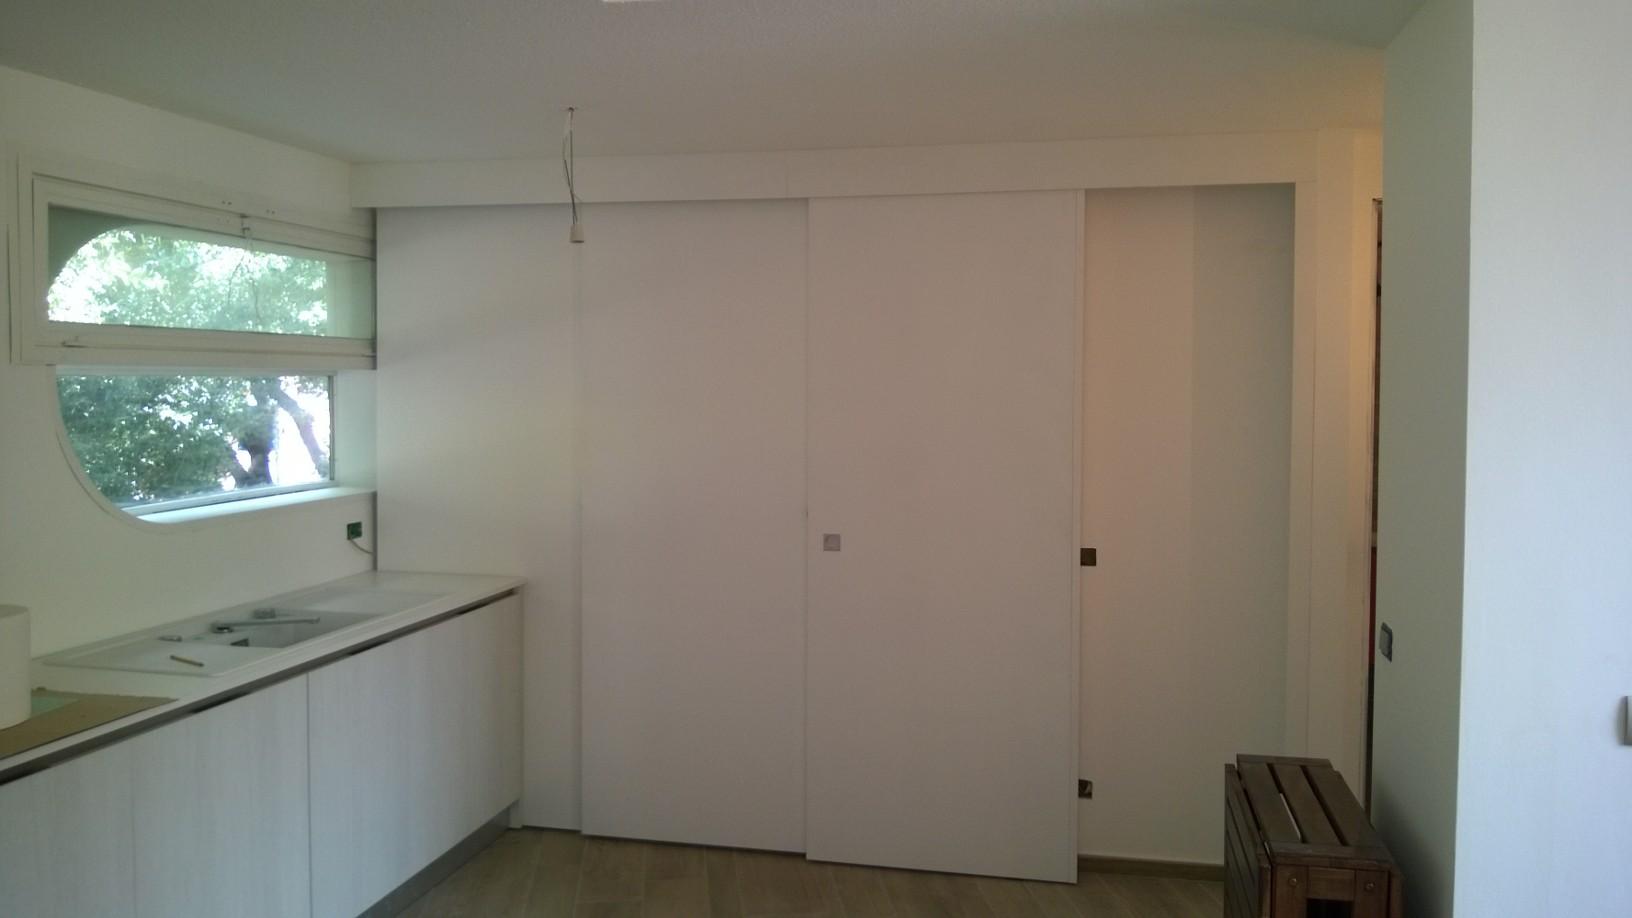 Divisori pareti scorrevoli: prezzo pareti divisorie scorrevoli le.